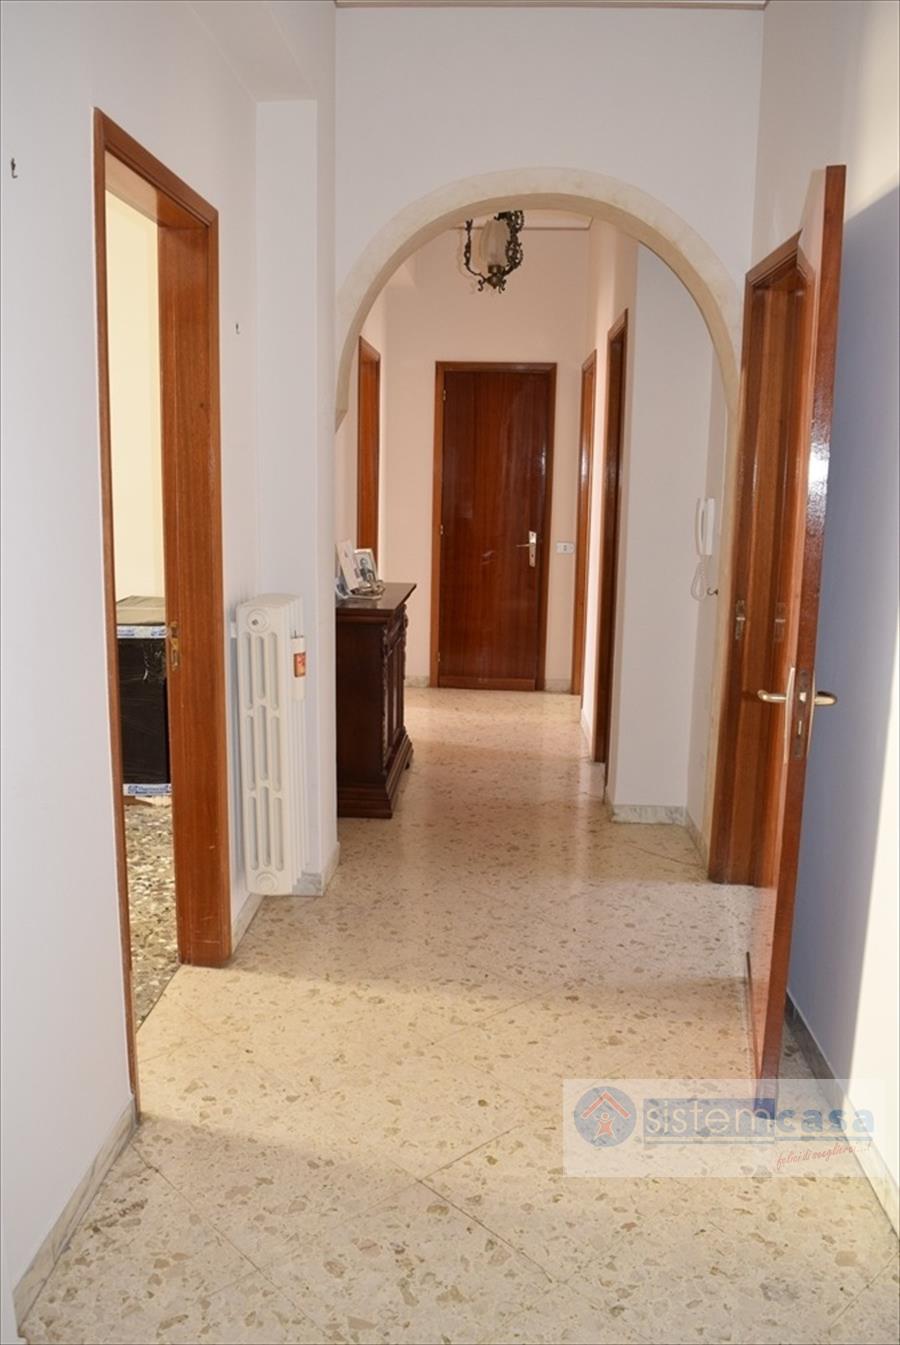 Appartamento in vendita a Corato, 3 locali, prezzo € 85.000 | CambioCasa.it